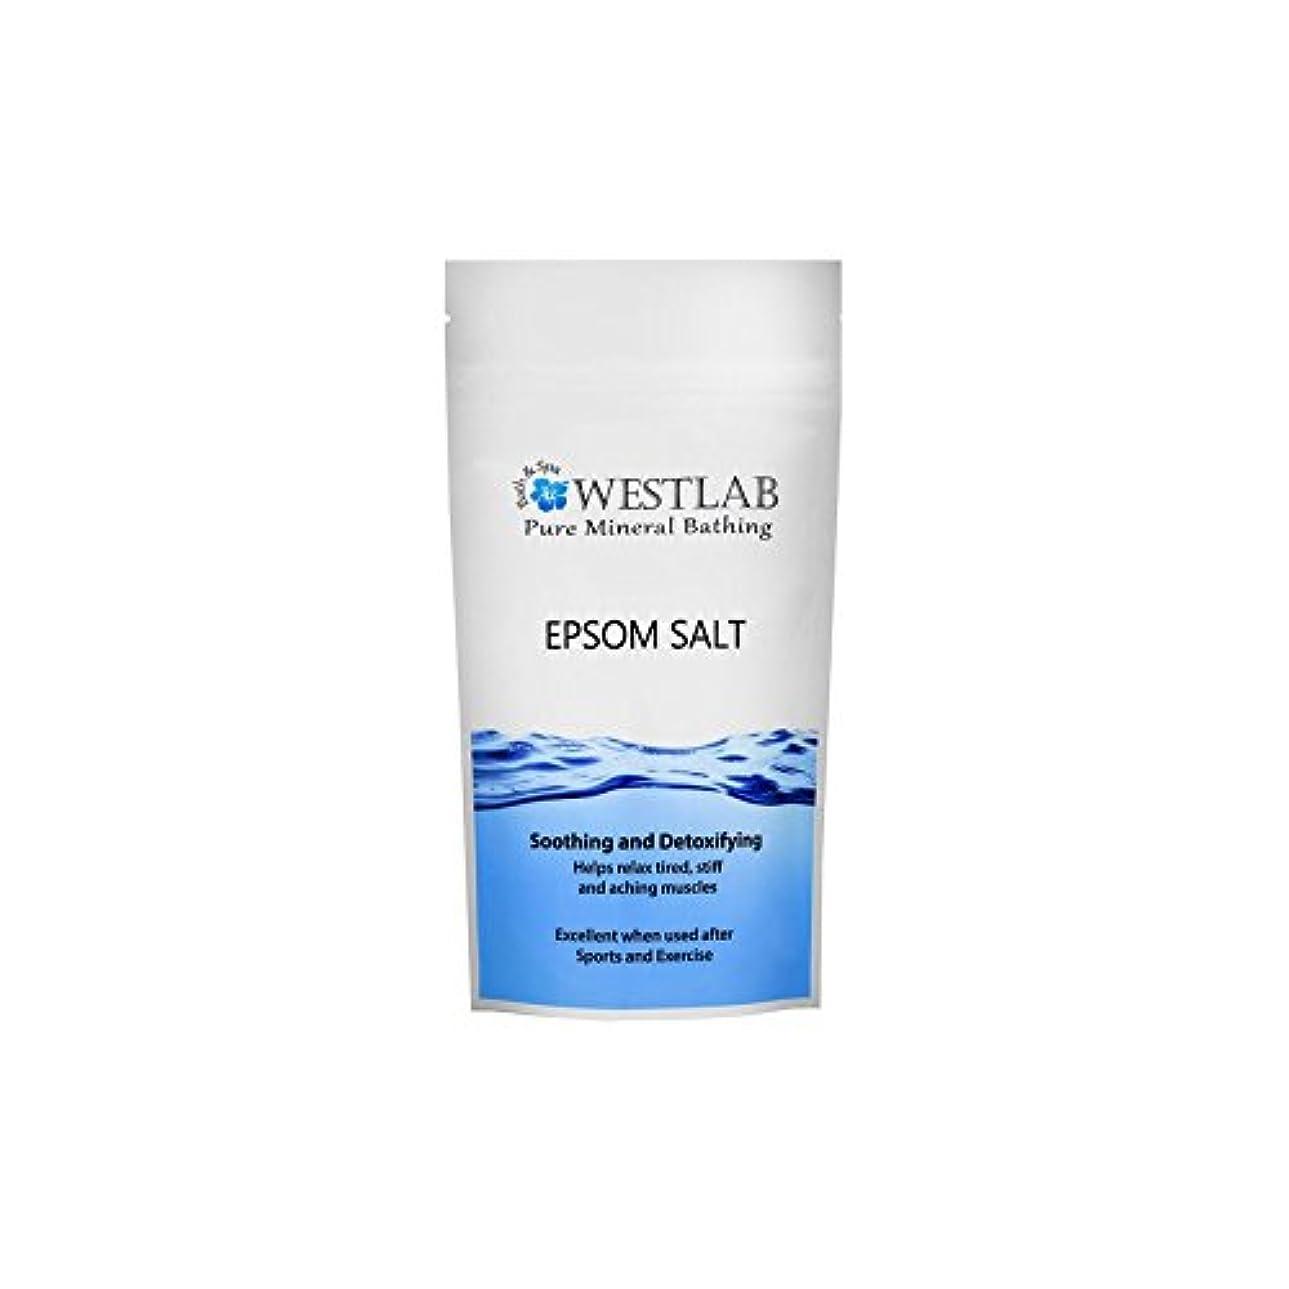 脱獄外部濃度エプソム塩の2キロ x2 - Westlab Epsom Salt 2kg (Pack of 2) [並行輸入品]